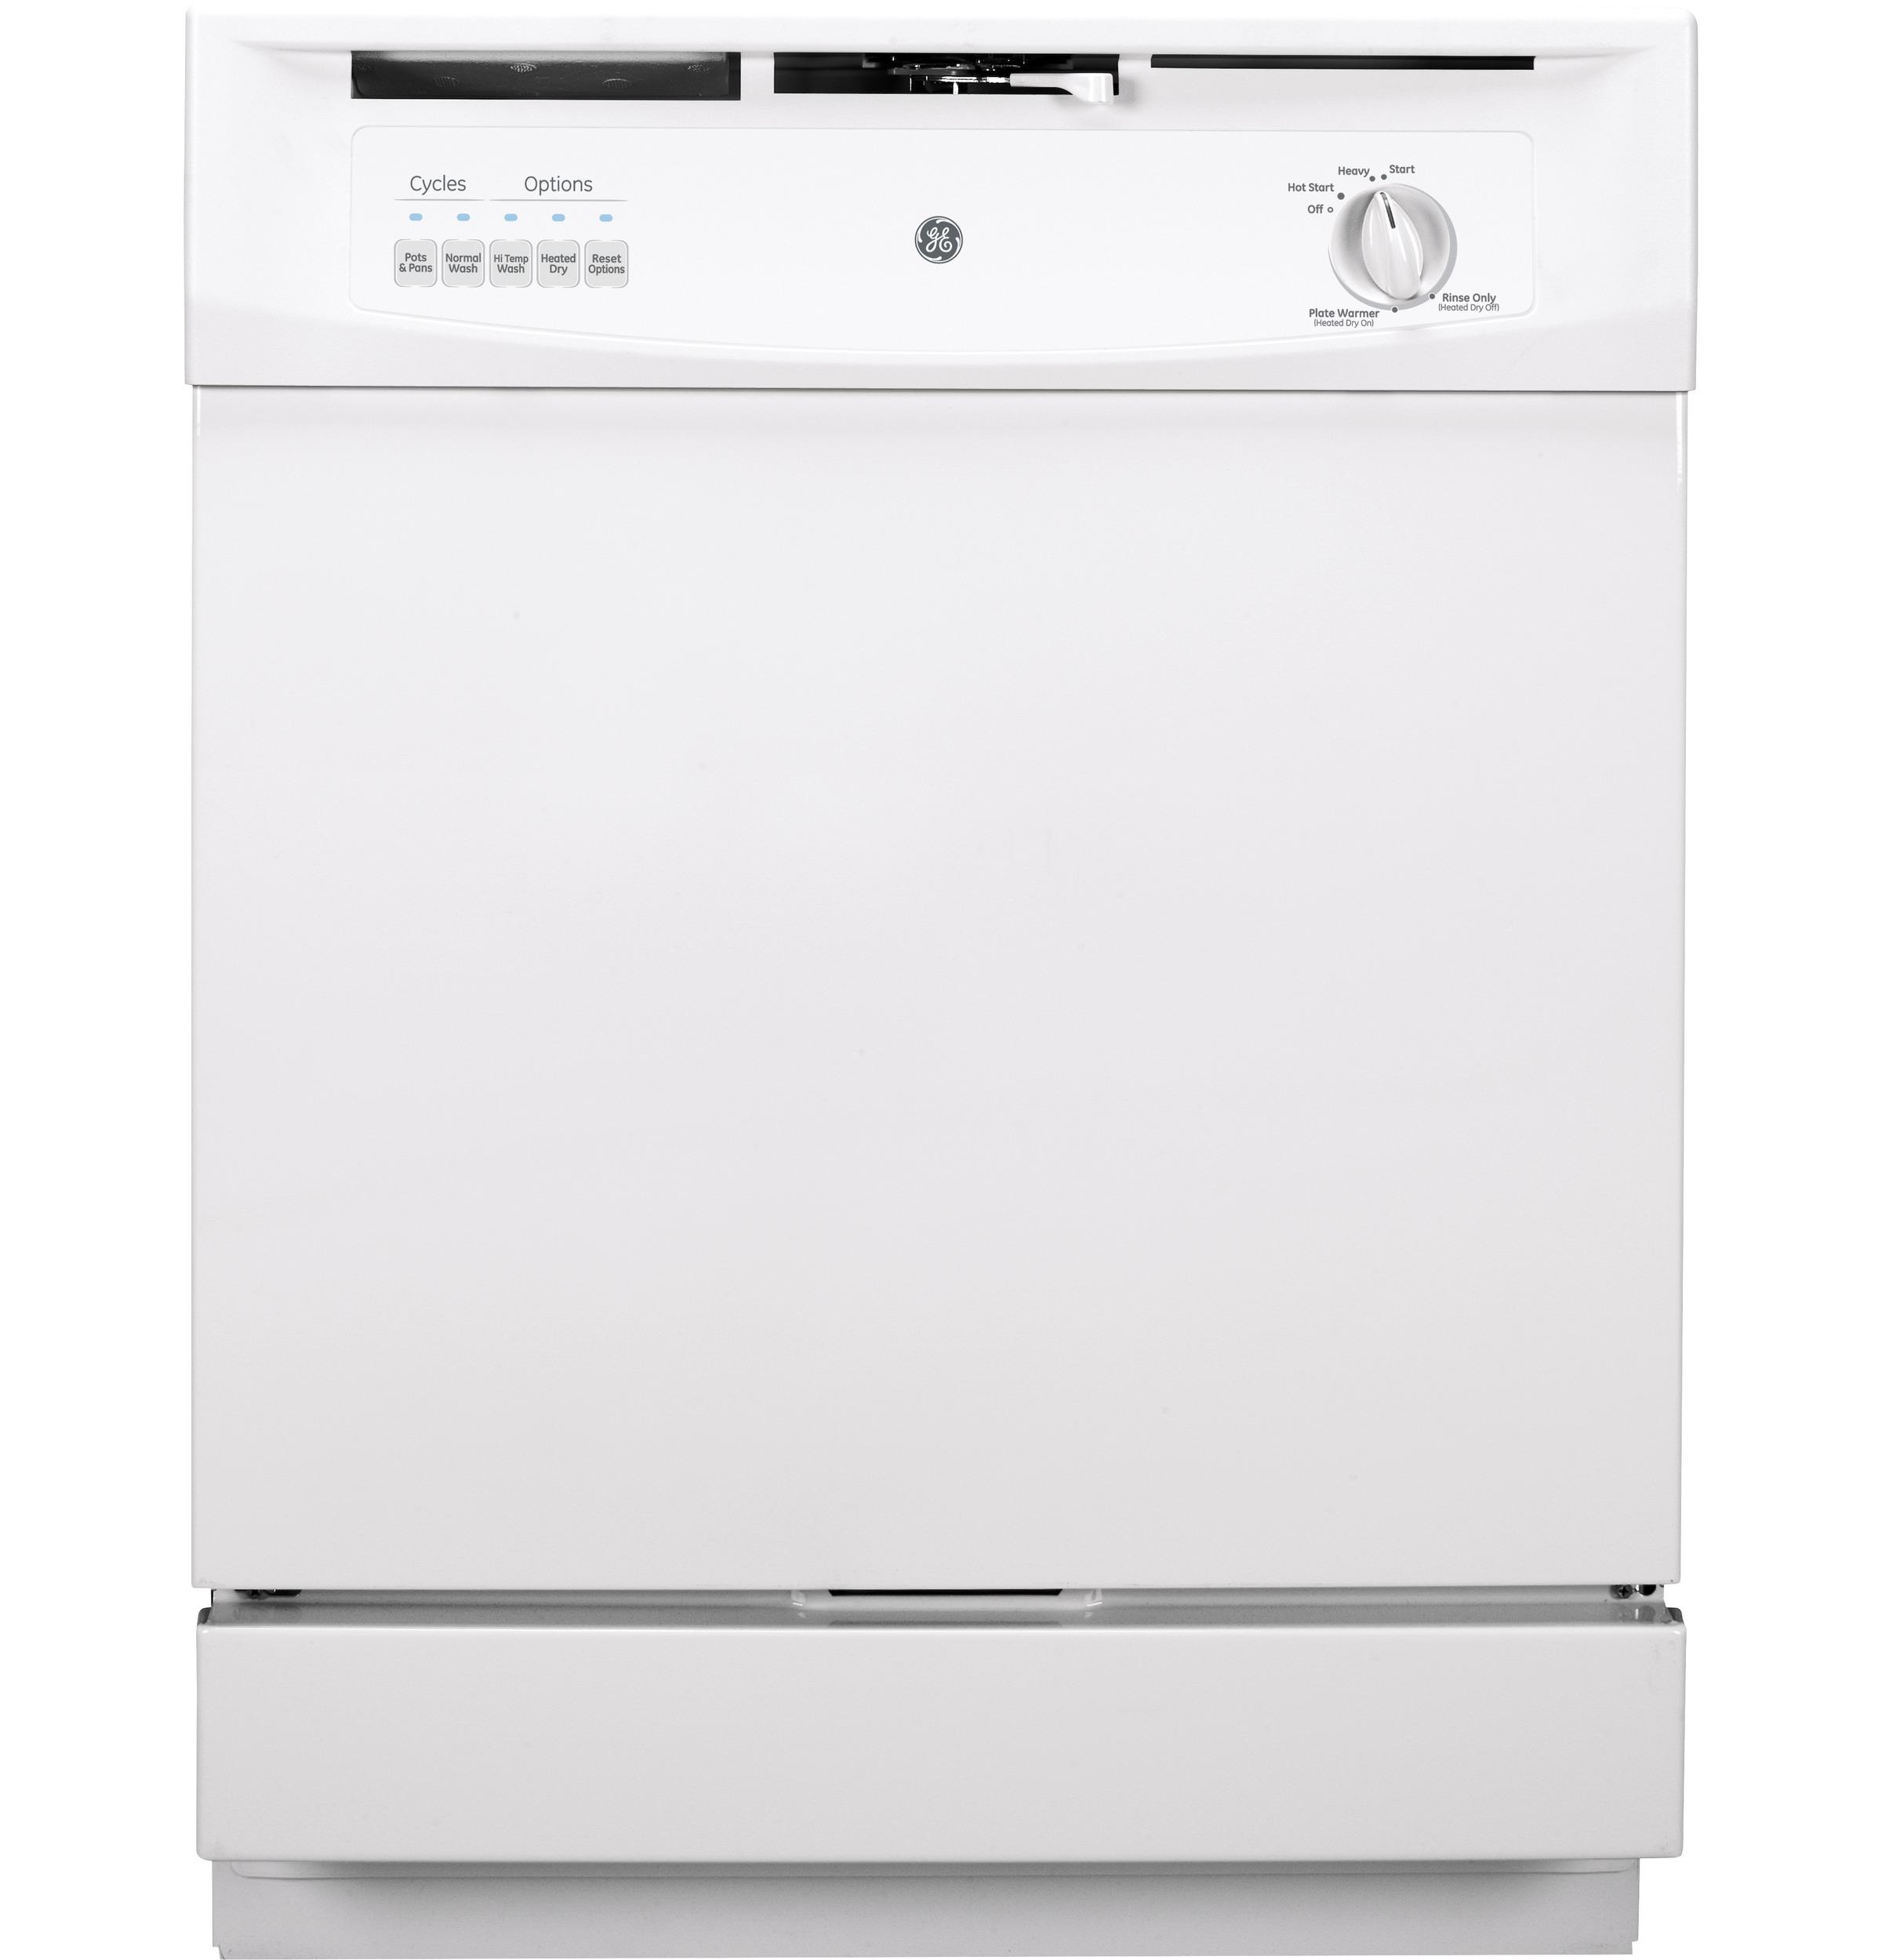 White Dishwasher Image